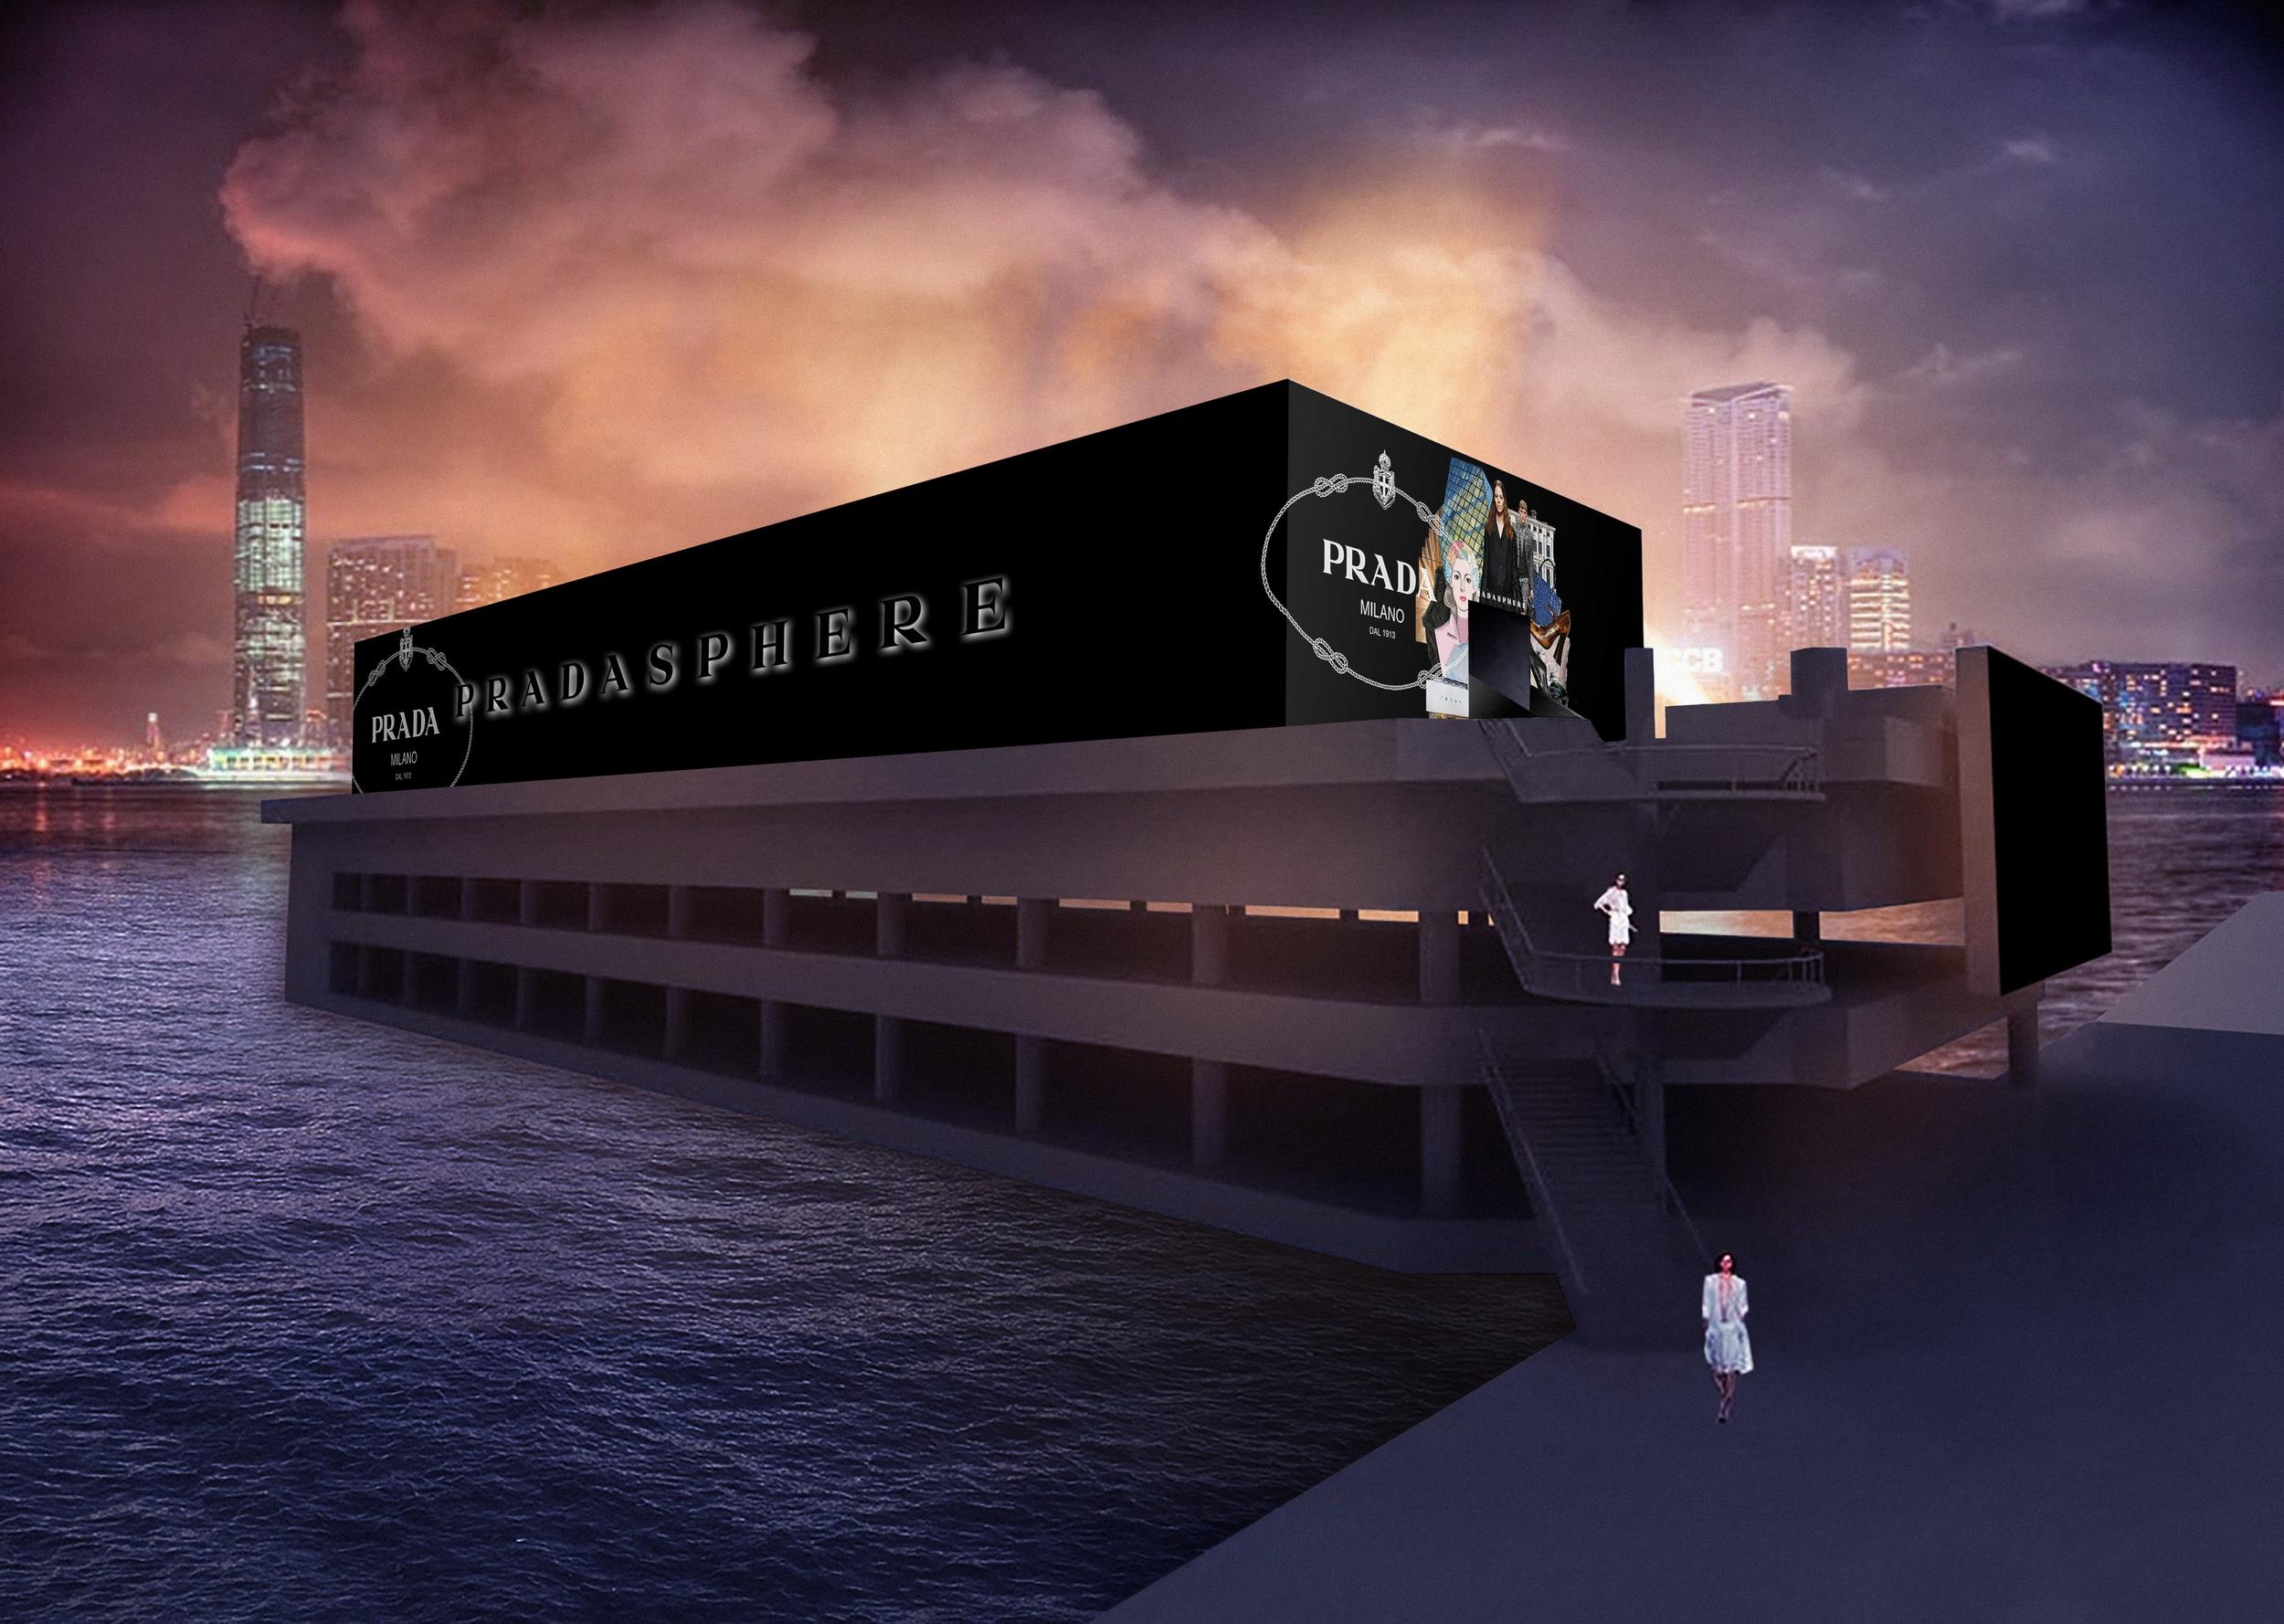 pradasphere_hk_.a8886153110.original